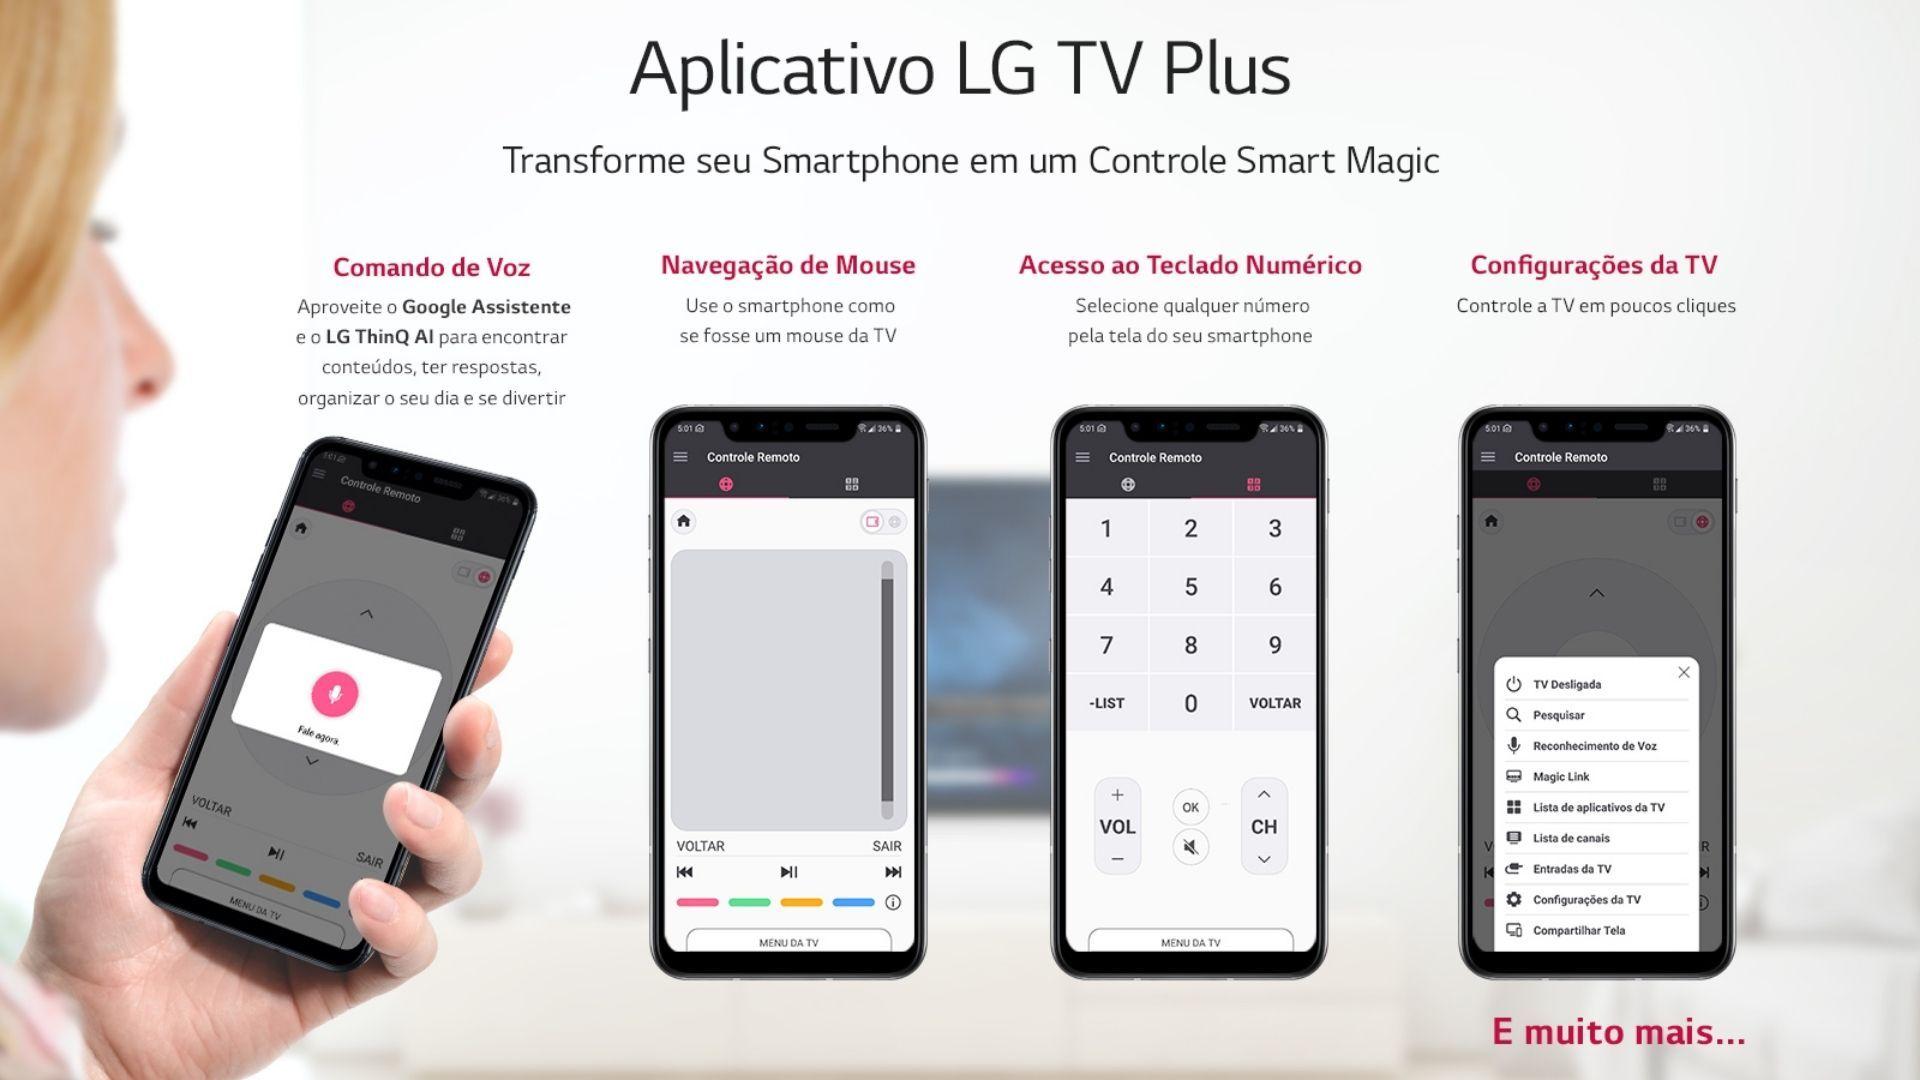 Aplicativo LG TV Plus faz com que seja possível comandar a TV LG através do smartphone. (Imagem: Divulgação/LG)